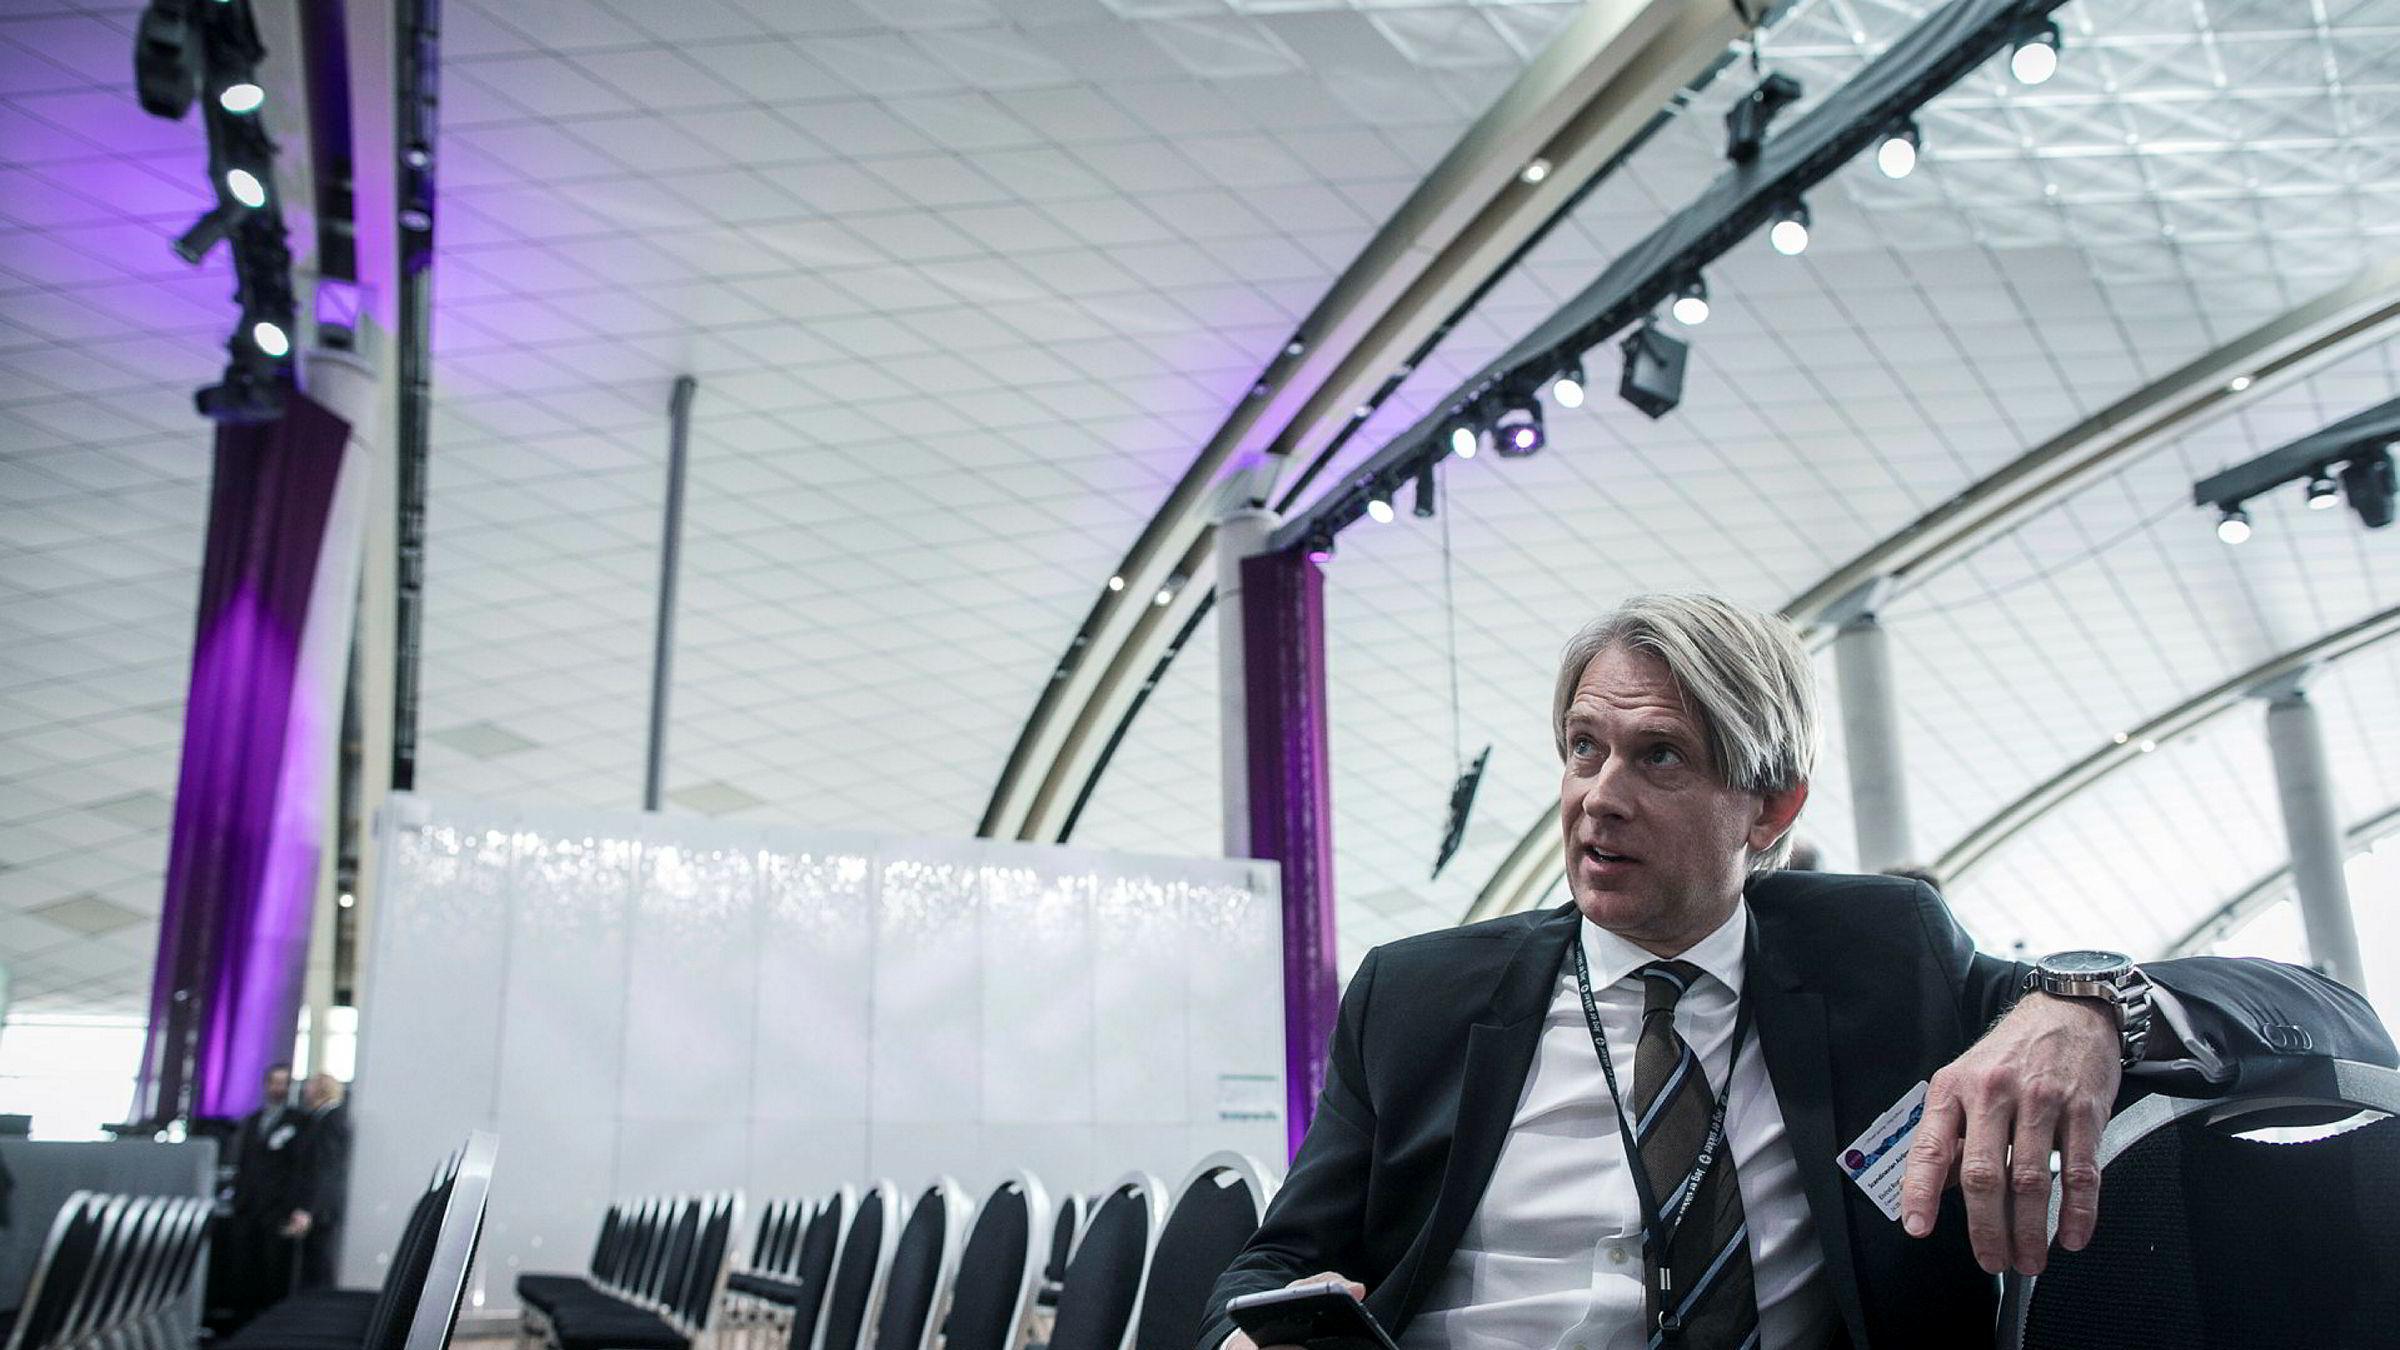 Tidligere SAS-direktør og i dag rådgiver i oppkjøpsfondet Altor, Eivind Roald, mener mange meglerhus overvurderer verdiene i fordelsprogrammet Norwegian Reward. Her under åpning av nye Oslo lufthavn i april i fjor.